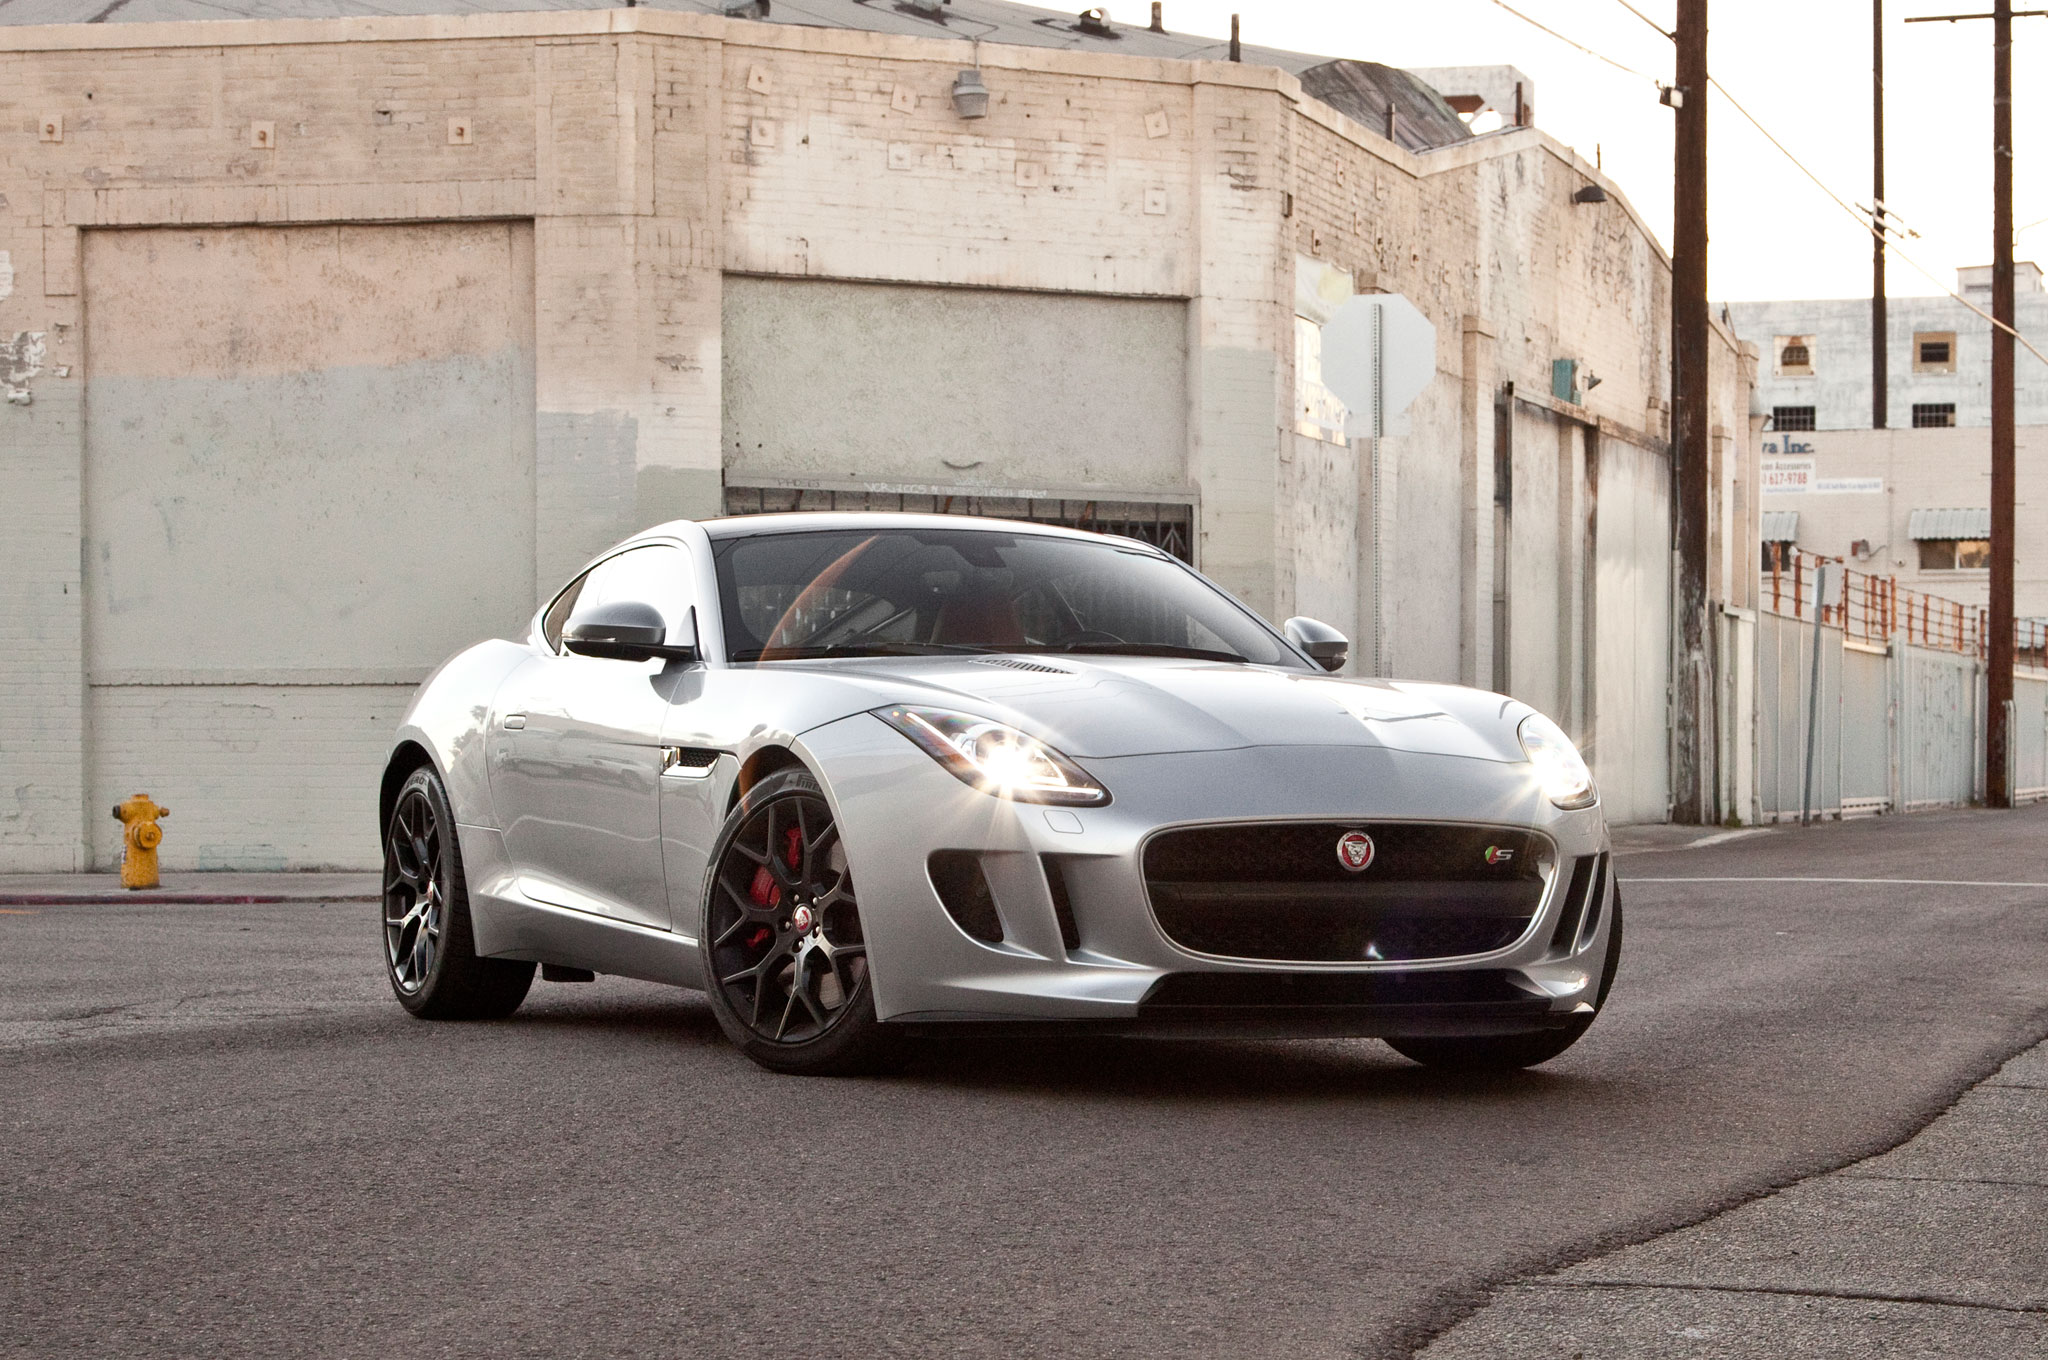 Jaguar FType S Coupe Who Needs A V - 2015 jaguar f type s